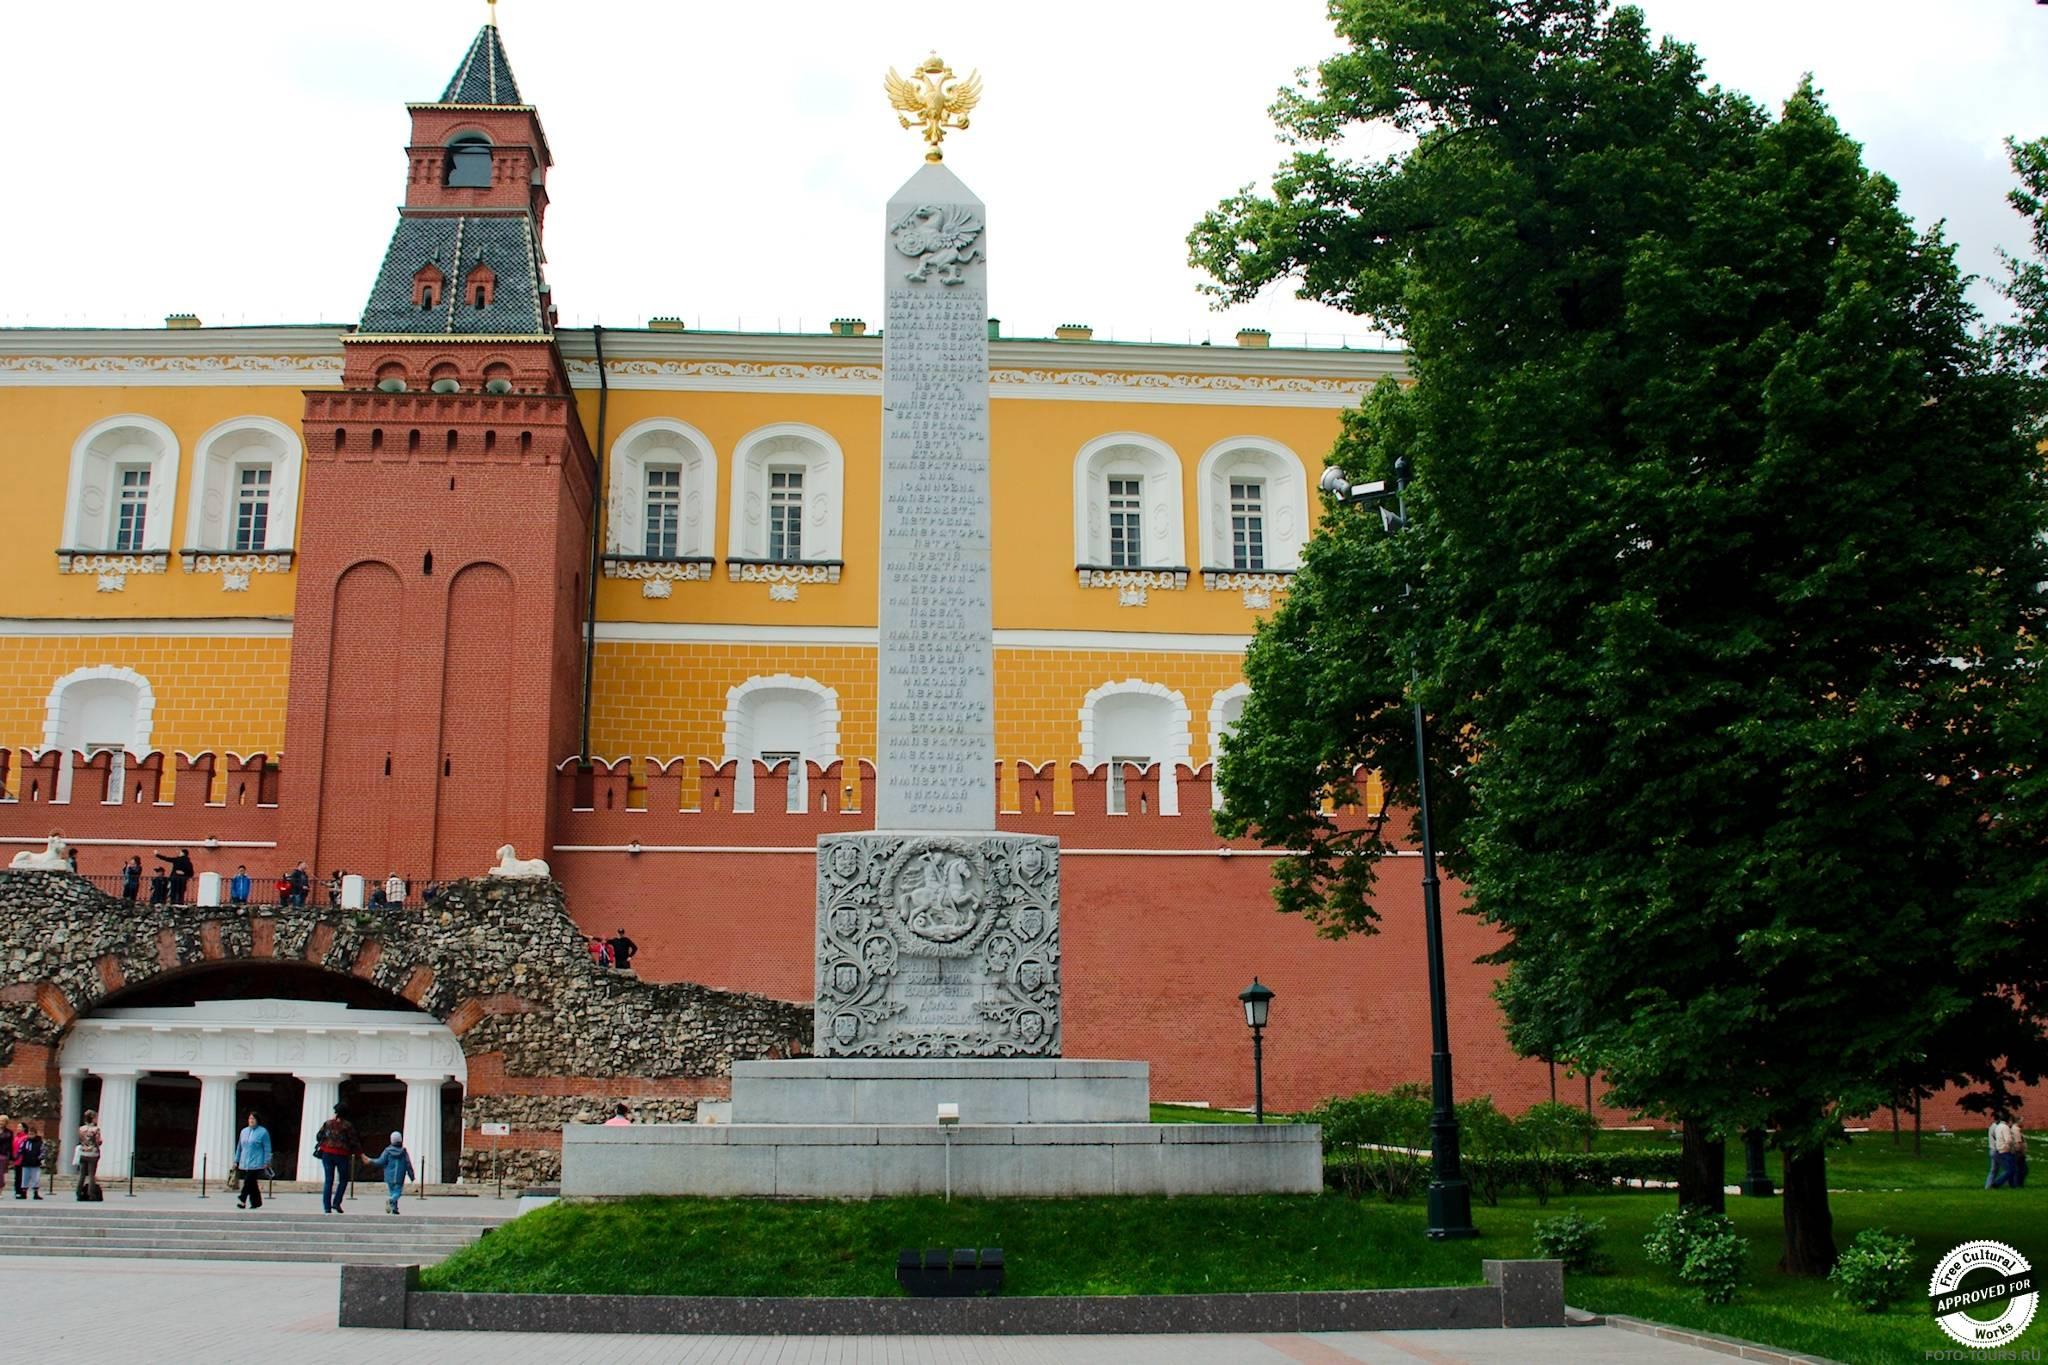 Романовский обелиск, Александровский сад, Парки москвы.